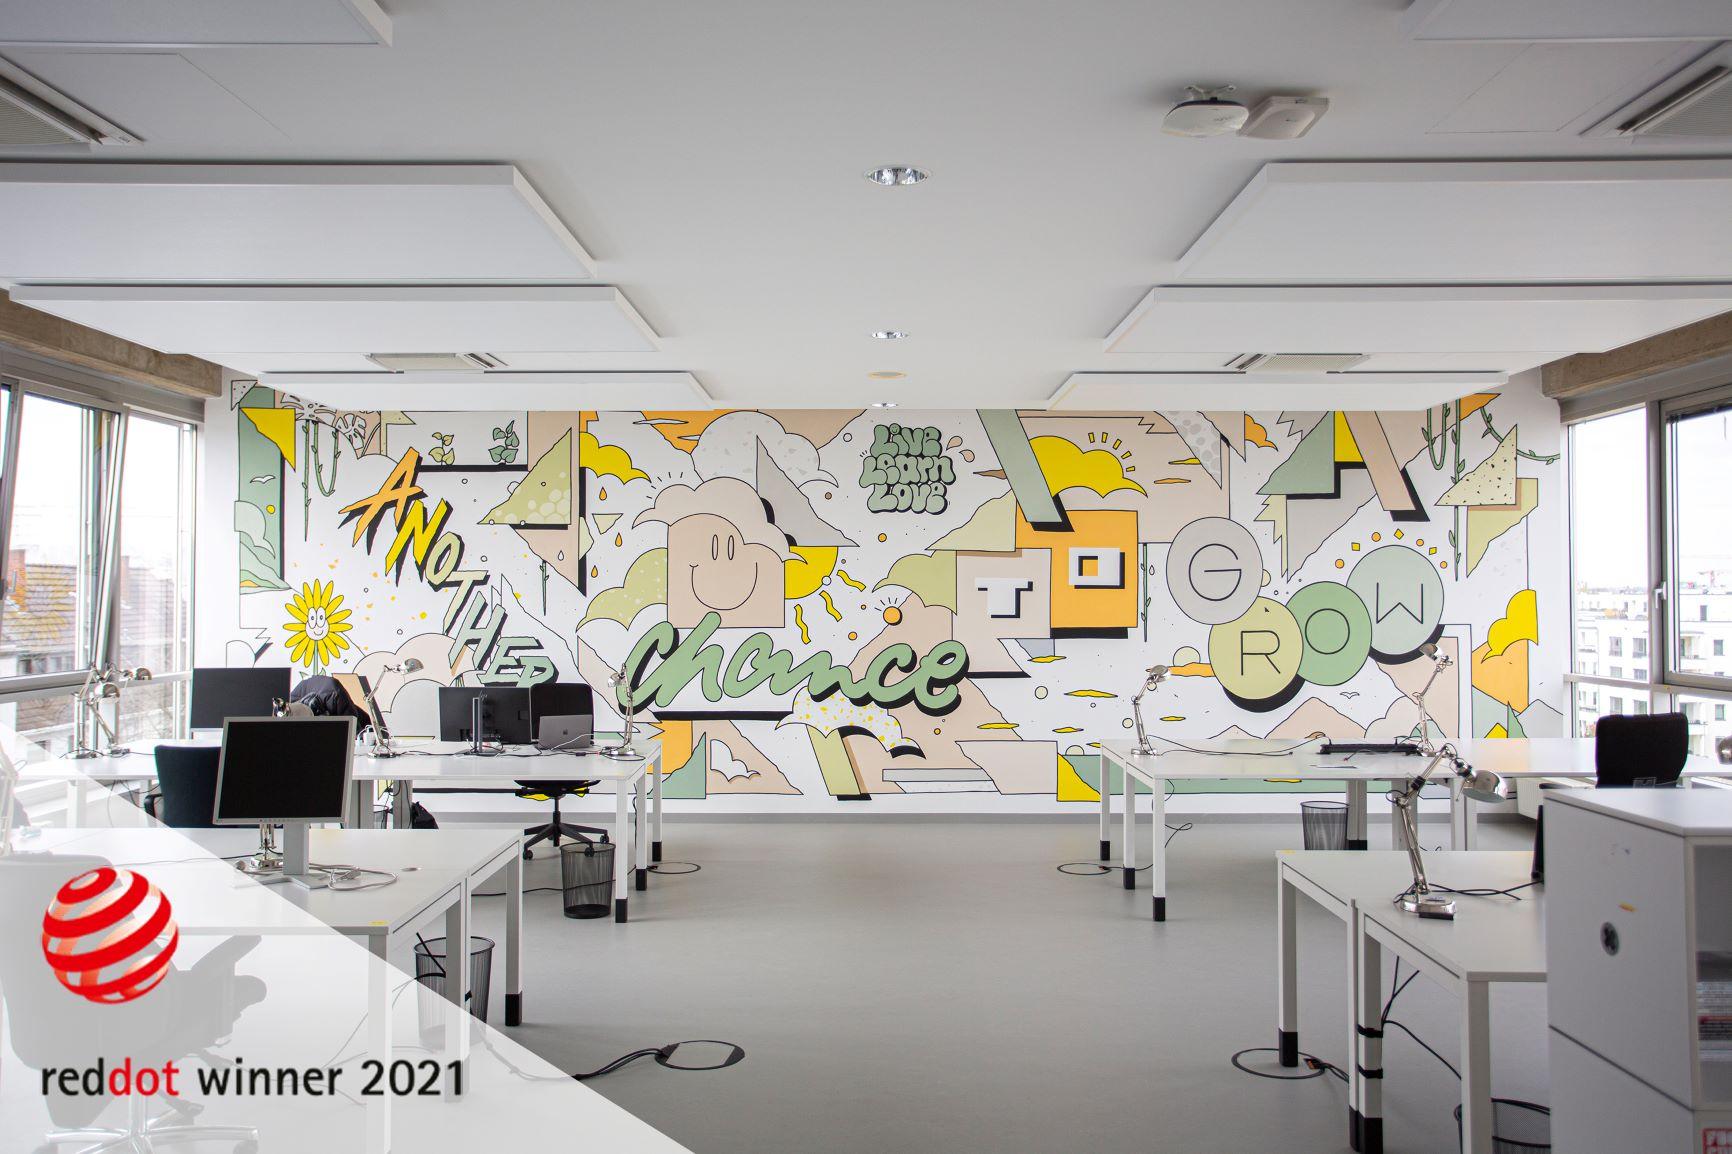 Image: objectiv GmbH